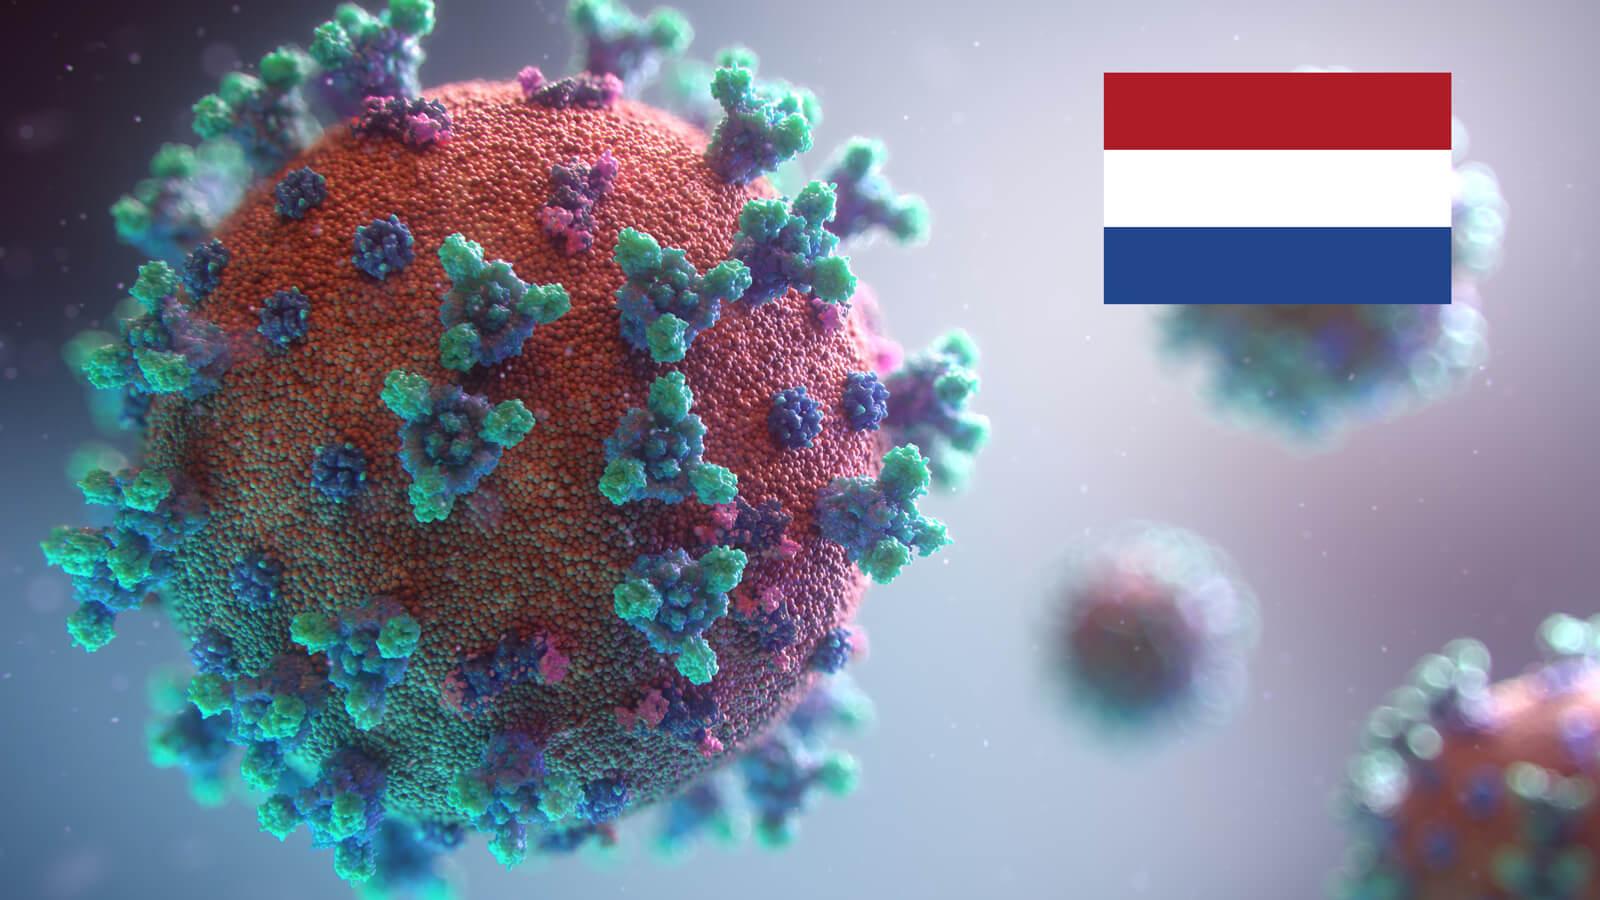 Darstellung Corona Virus mit niederländischer Flagge oben rechts